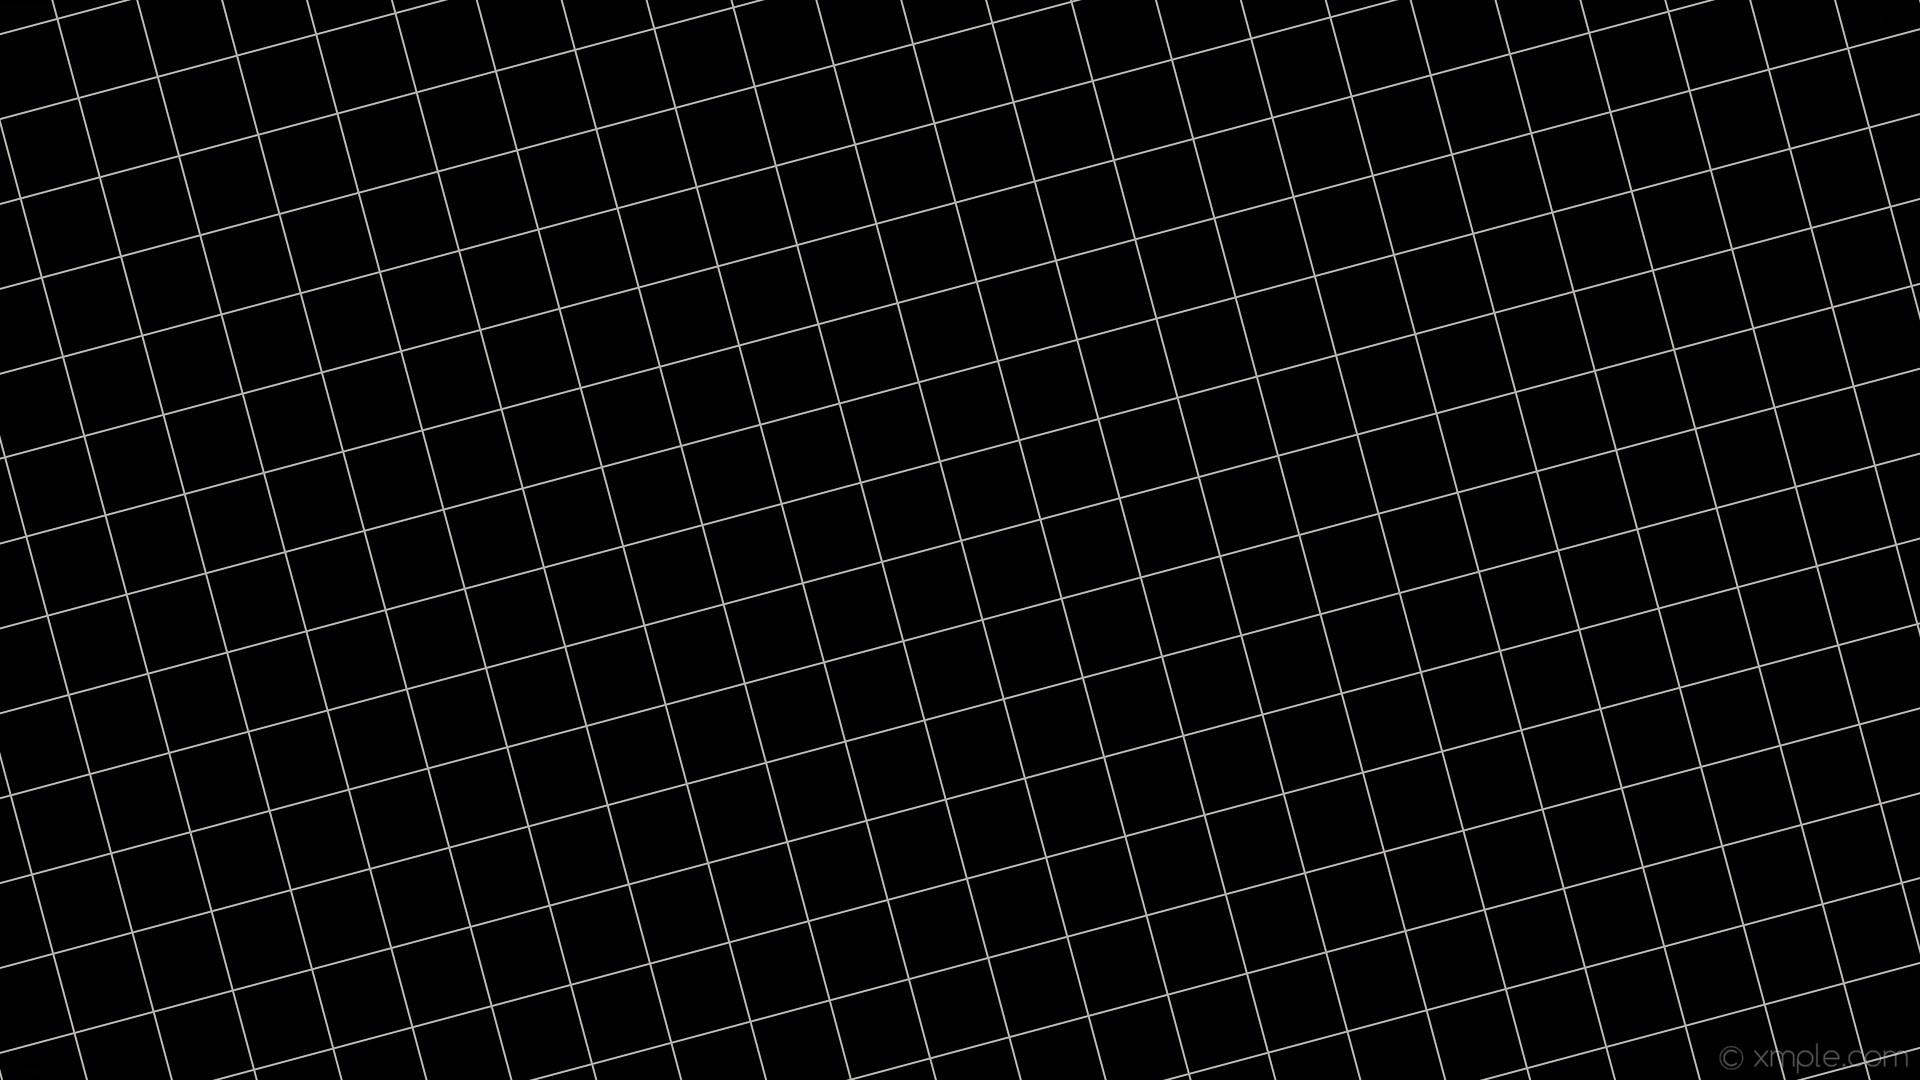 wallpaper graph paper white black grid floral white #000000 #fffaf0 15° 2px  82px